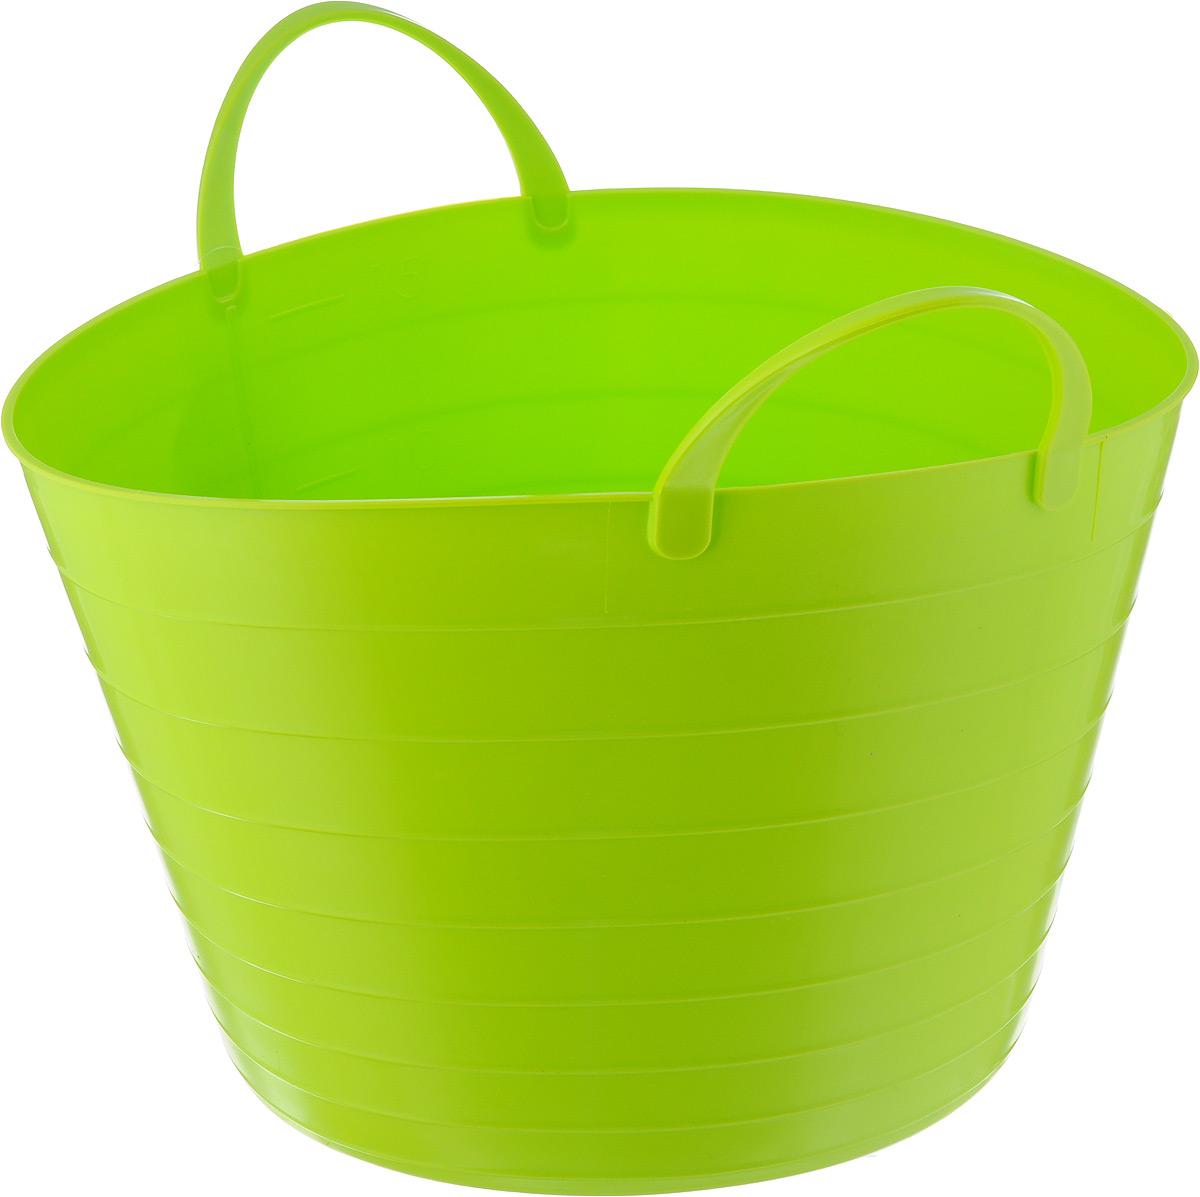 Корзина мягкая Idea, цвет: ярко-зеленый, 17 лM1241Мягкая корзина Idea изготовлена из гибкого полиэтилена и оснащена двумя удобными ручками. Внутренняя поверхность имеет отметки литража. Такой корзинке можно найти множество применений в быту: для строительства, для сбора фруктов, овощей и грибов, для хранения бытовых предметов и многого другого. Такая корзина пригодится в любом хозяйстве.Размер (без учета ручек): 33,5 х 33,5 х 24 см.